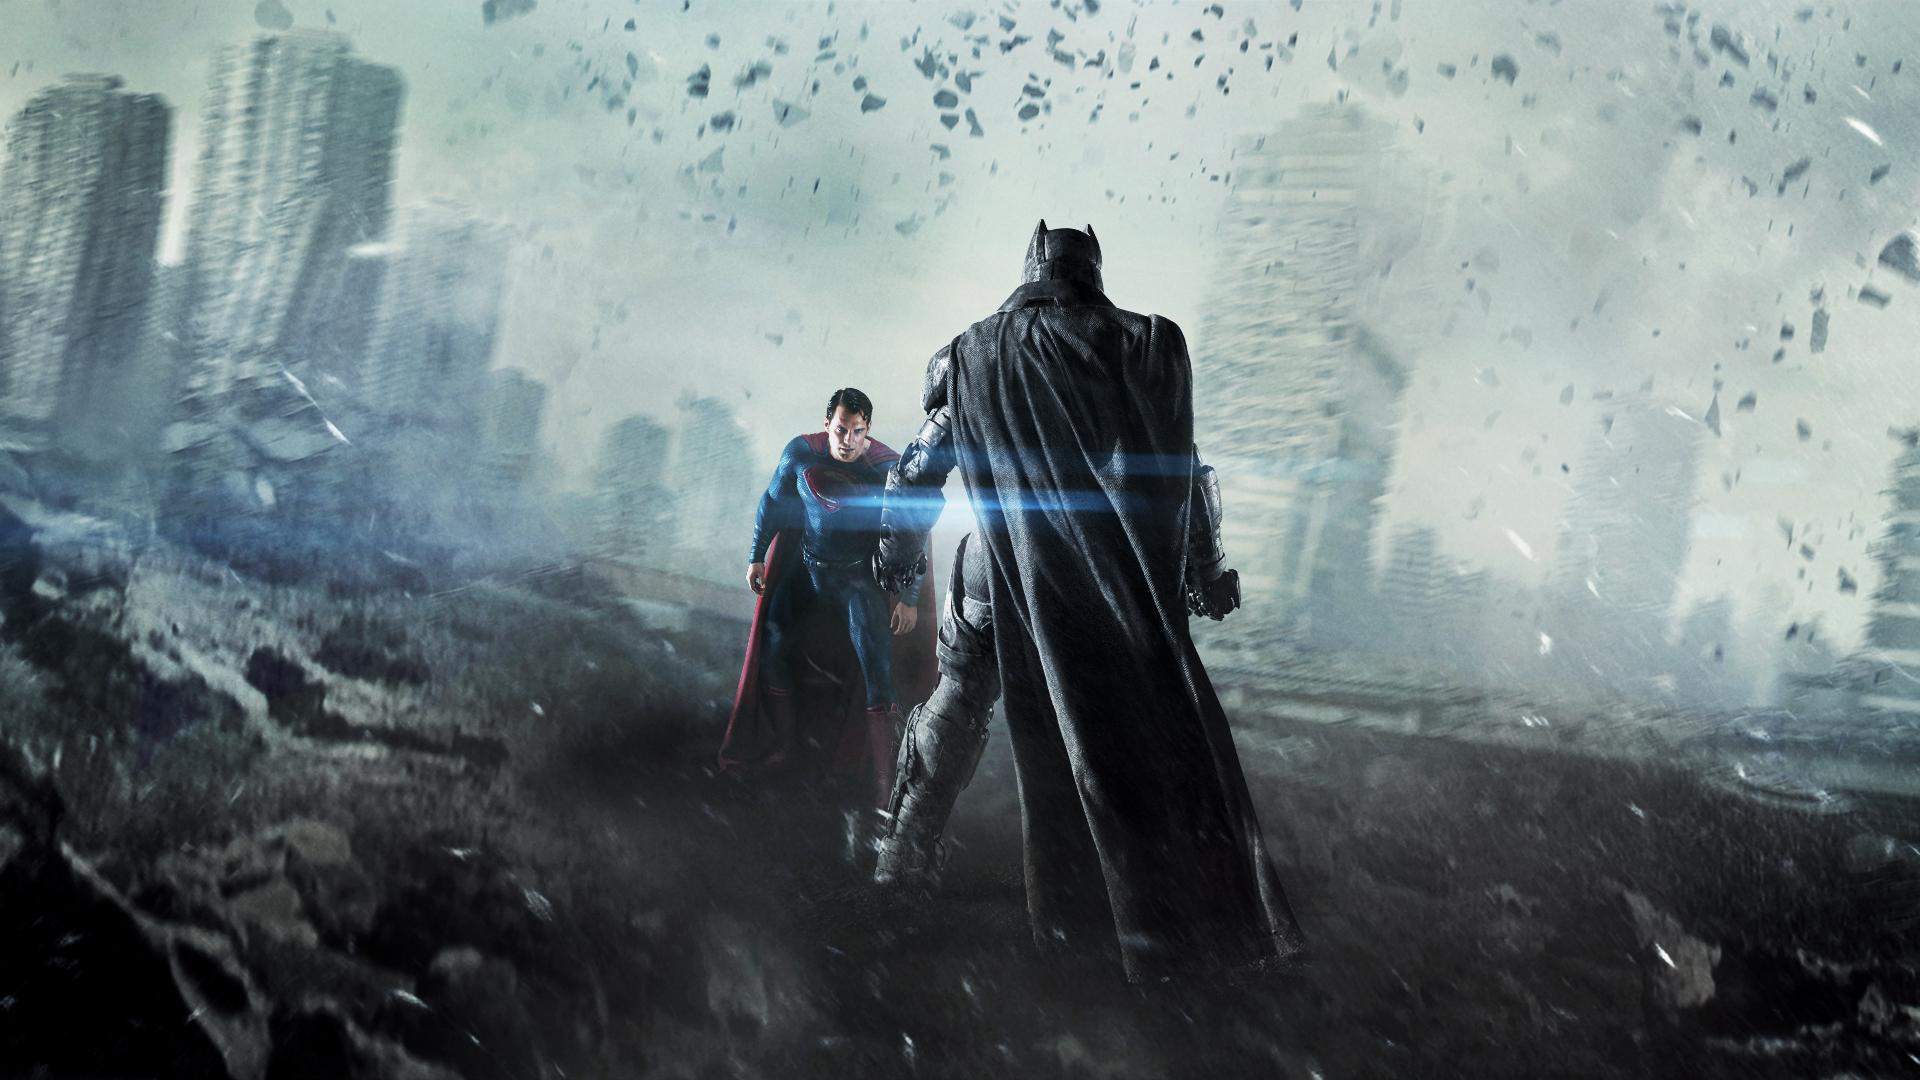 batman-v-superman-dawn-of-justice-56eea40d0ddf9